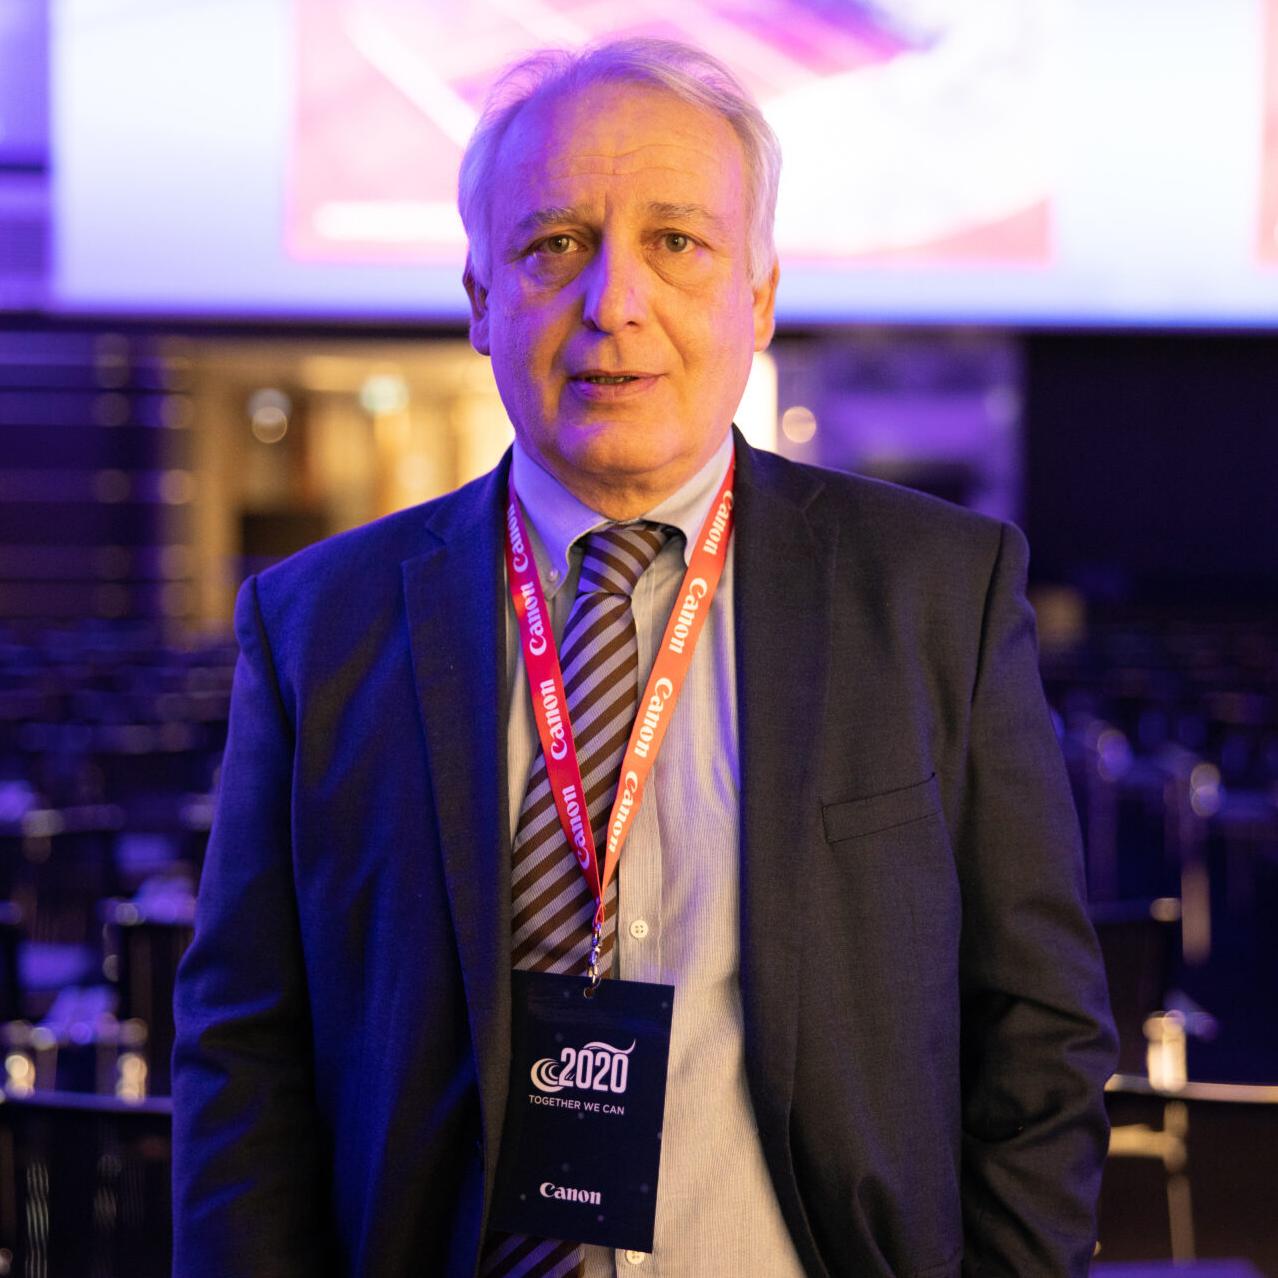 Riccardo Porro